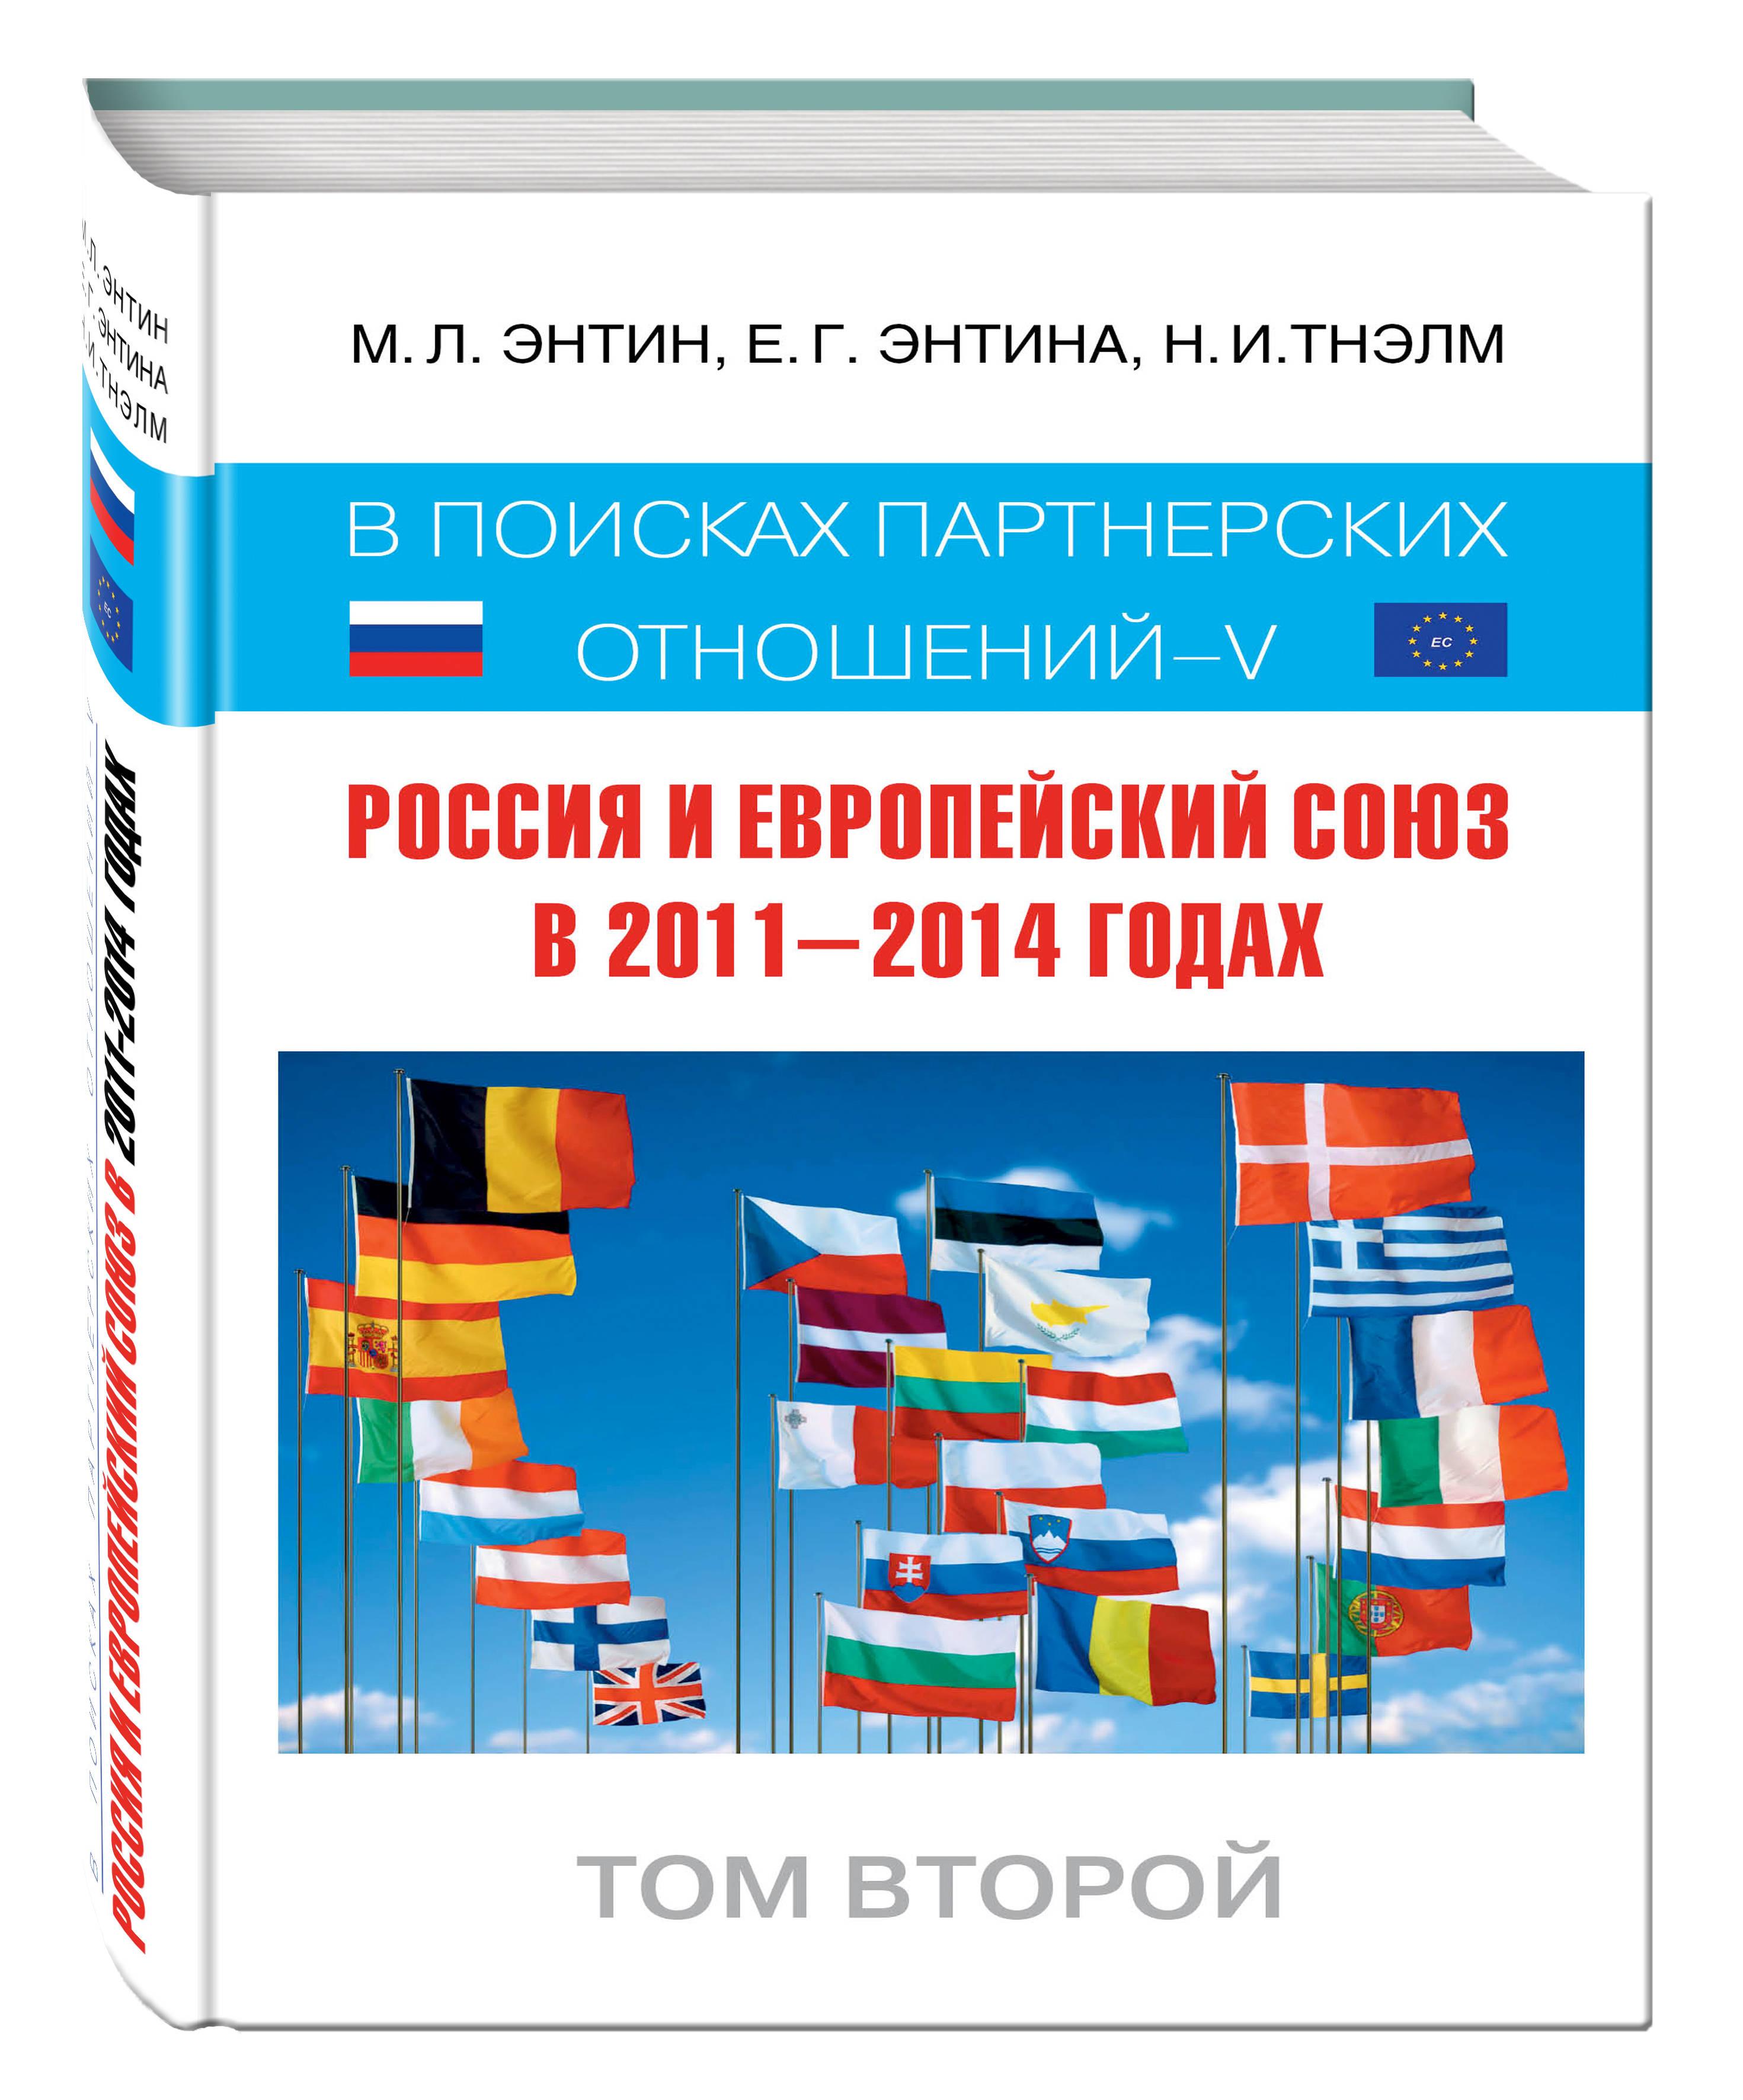 Россия и Европейский Союз в 2011–2014 годах: в поисках партнёрских отношений V. Том 2